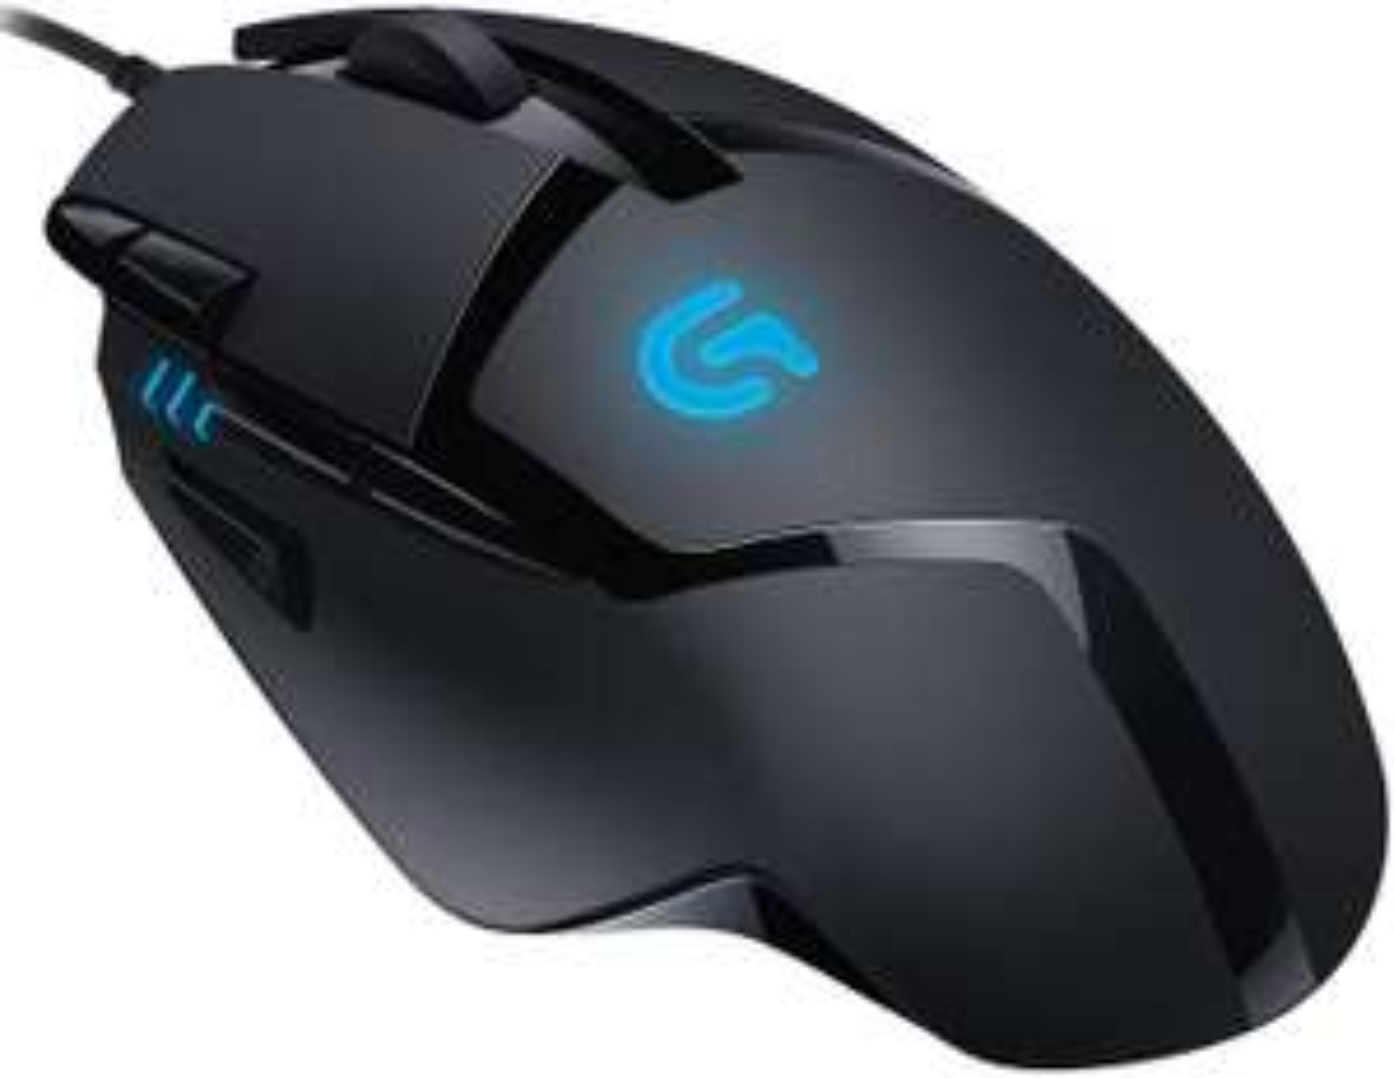 Logitech G402 Hyperion Fury Gaming-Maus (4.000 DPI, 8 programmierbare Tasten, DPI-Switch, kabelgebunden, Leichtgewicht, für PC & Mac)